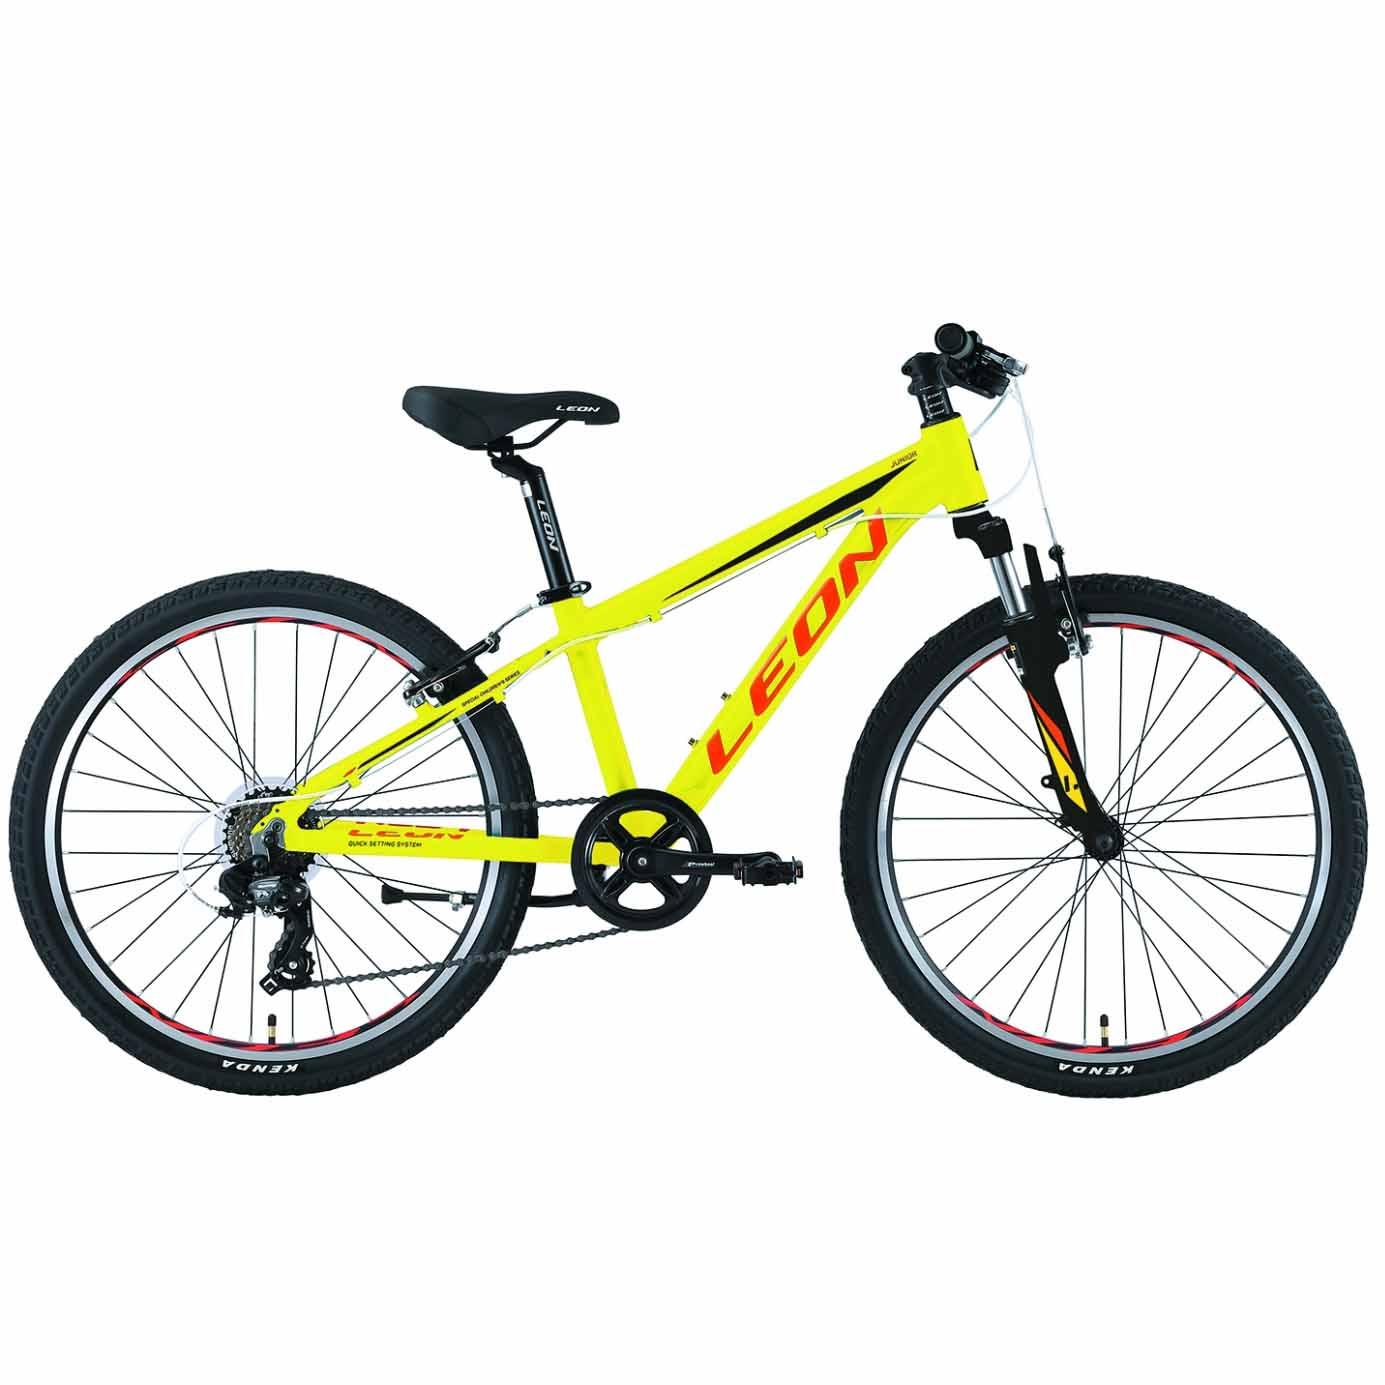 Фото Горный Детский Велосипед 24 Leon JUNIOR  салатно-оранжевый   2019